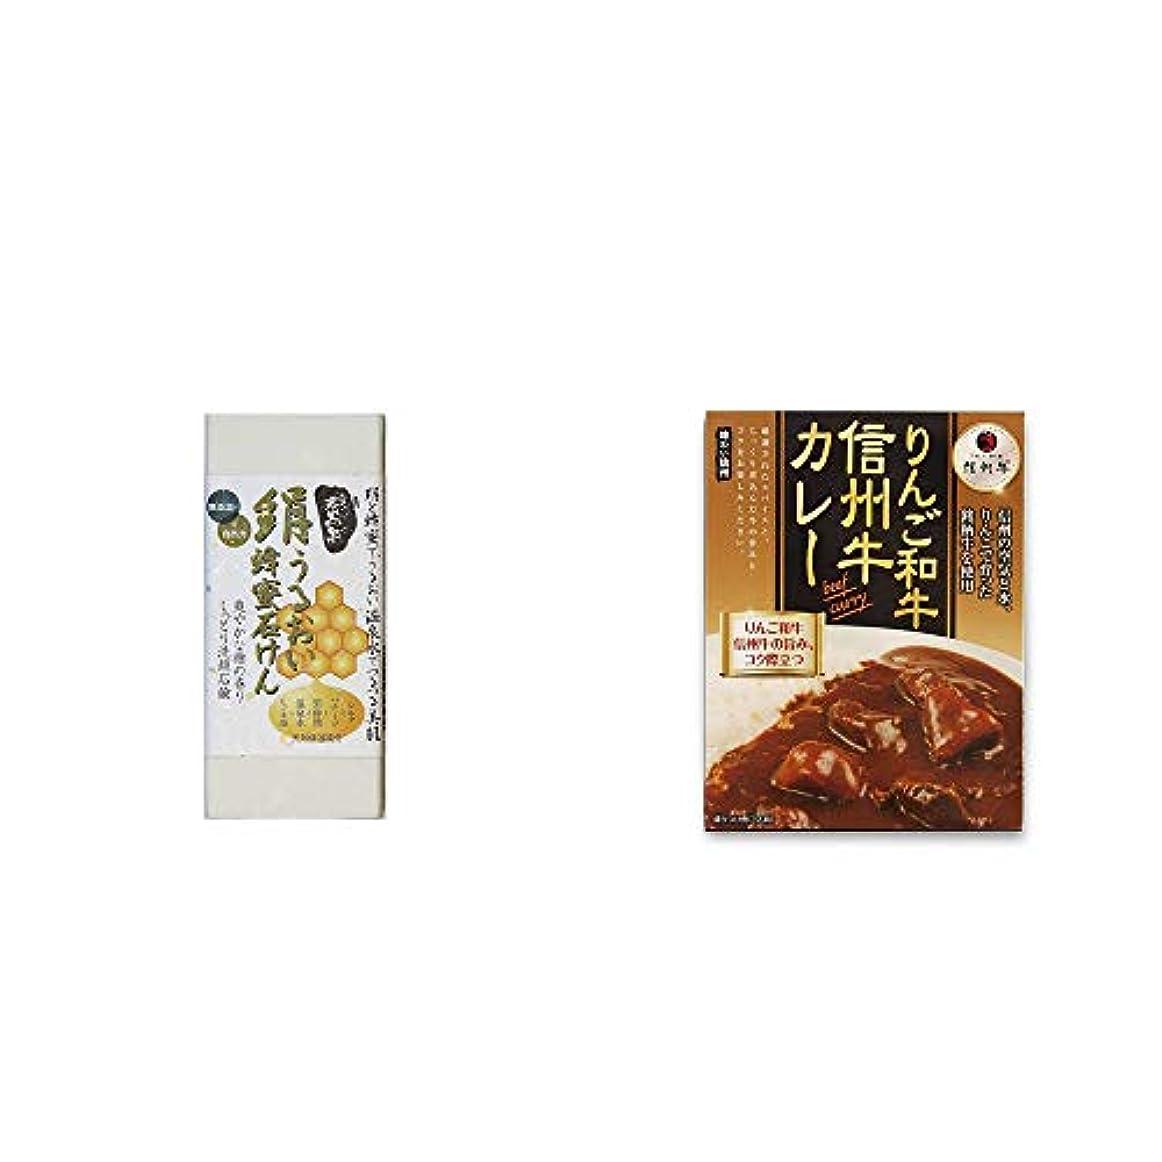 くつろぎ草マニフェスト[2点セット] ひのき炭黒泉 絹うるおい蜂蜜石けん(75g×2)?りんご和牛 信州牛カレー(1食分)